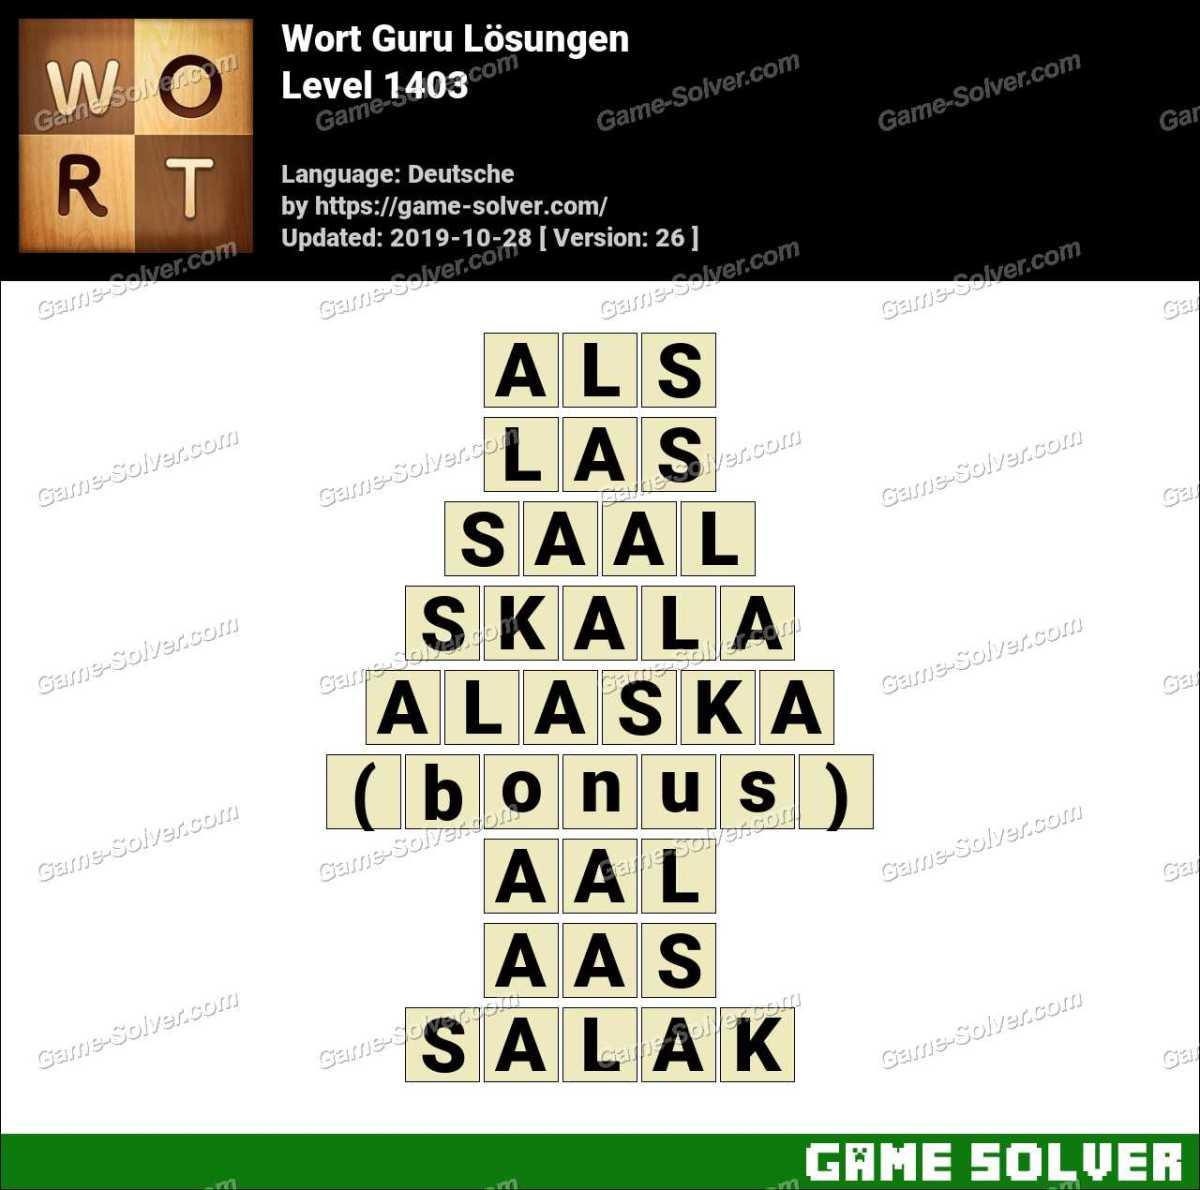 Wort Guru Level 1403 Lösungen